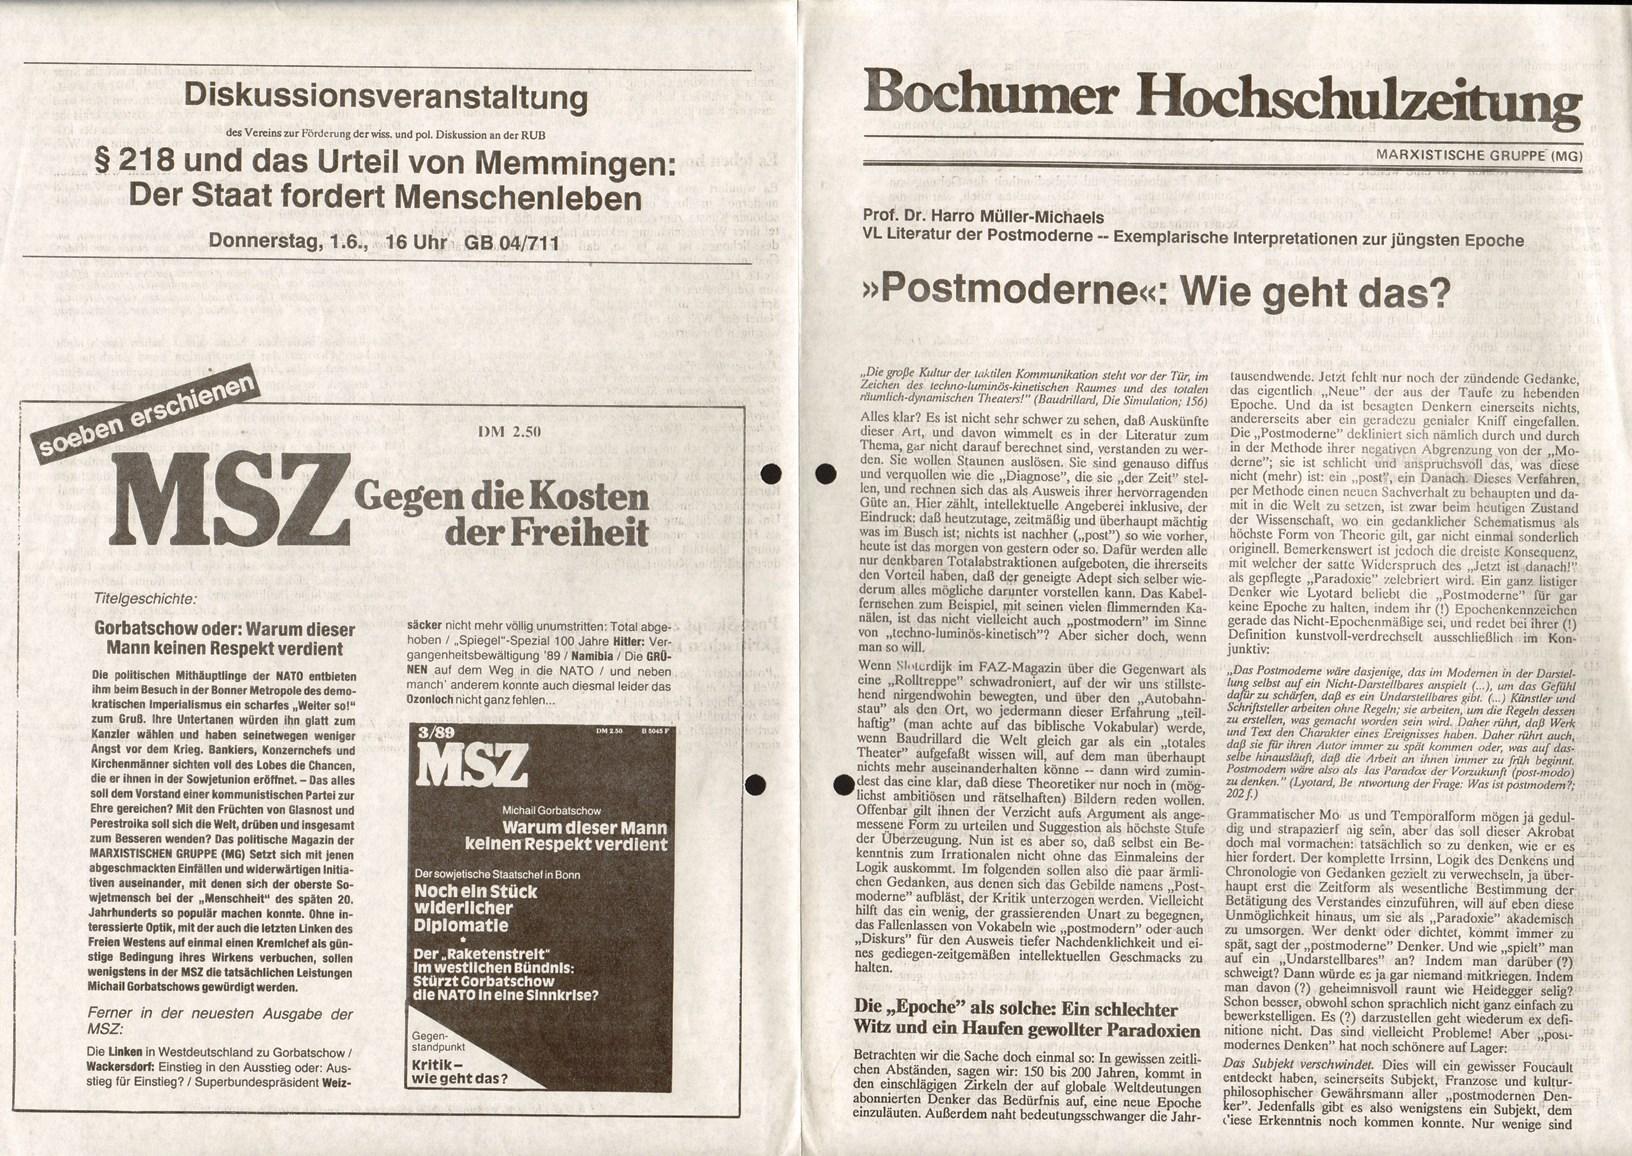 MG_Bochumer_Hochschulzeitung_19890601_01